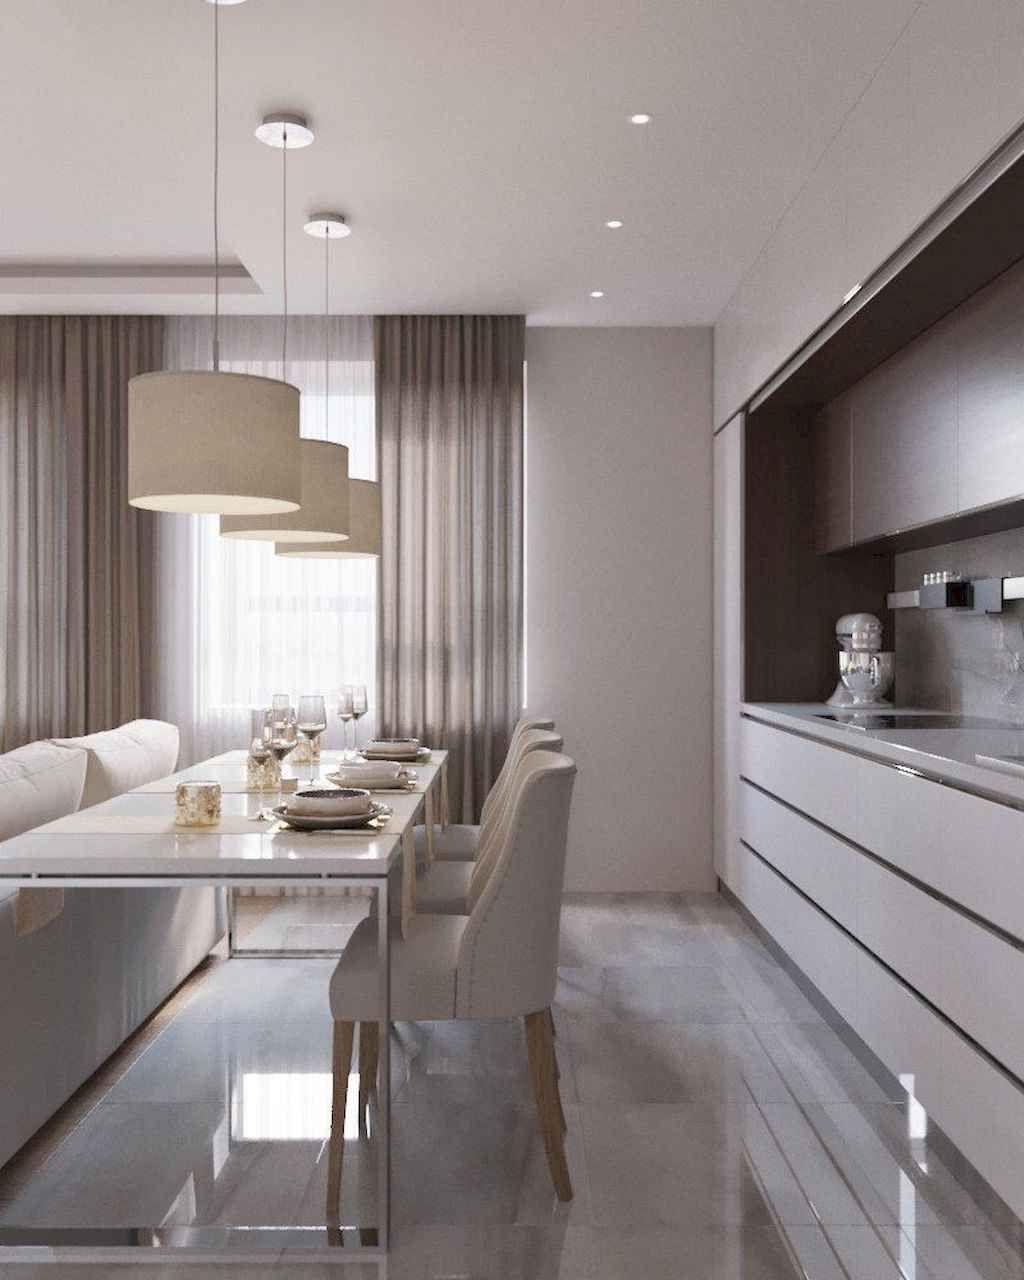 35 Luxury Dining Room Design Ideas: 01 Genius Small Dining Room Design Ideas In 2020